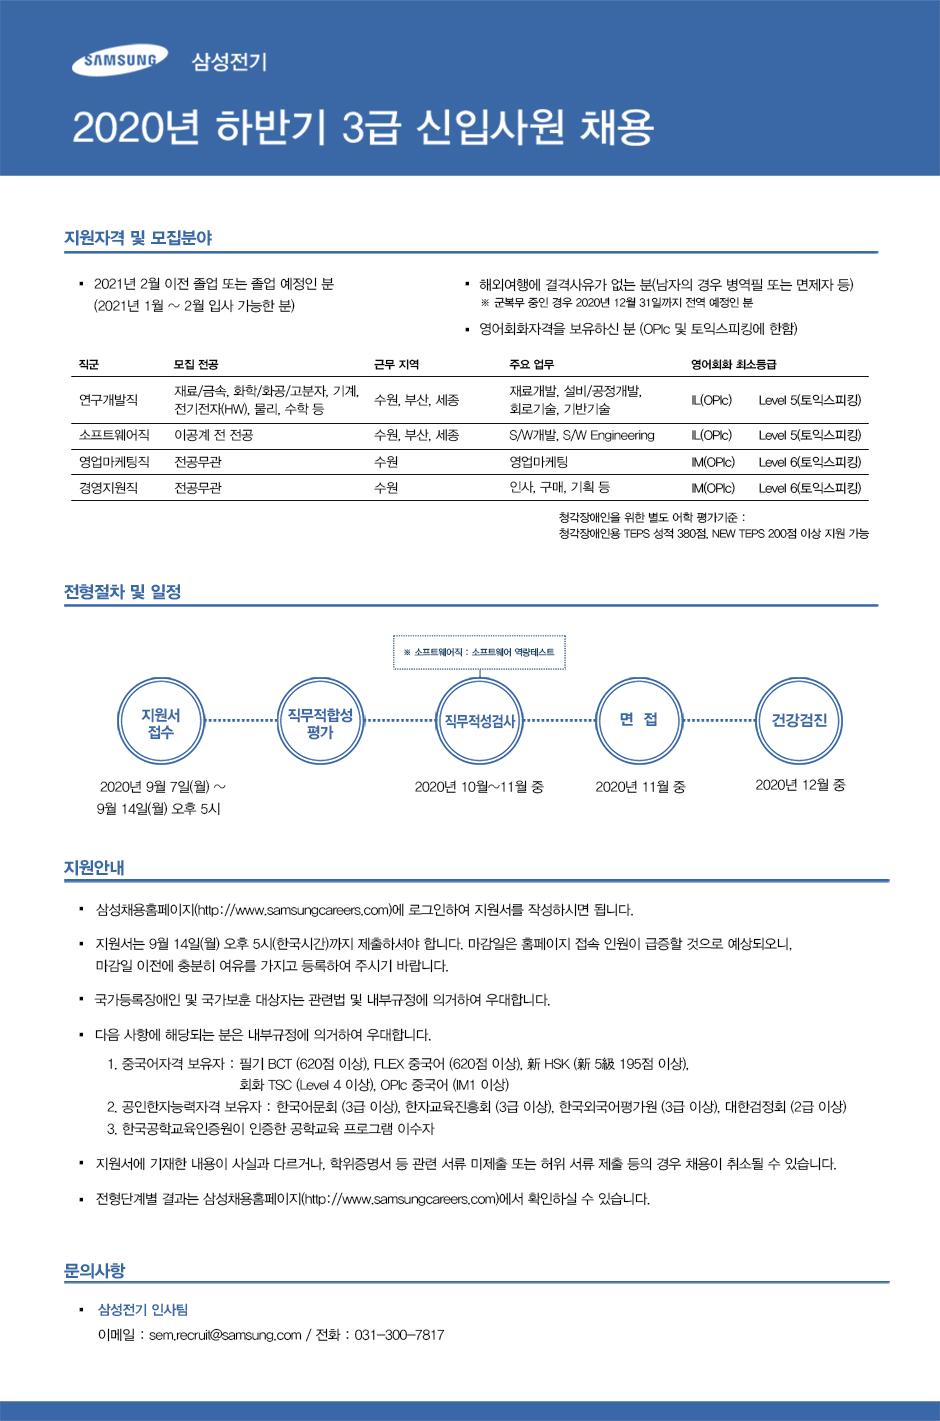 (삼성전기) 2020년 하반기 3급 신입사원 모집요강_final.jpg